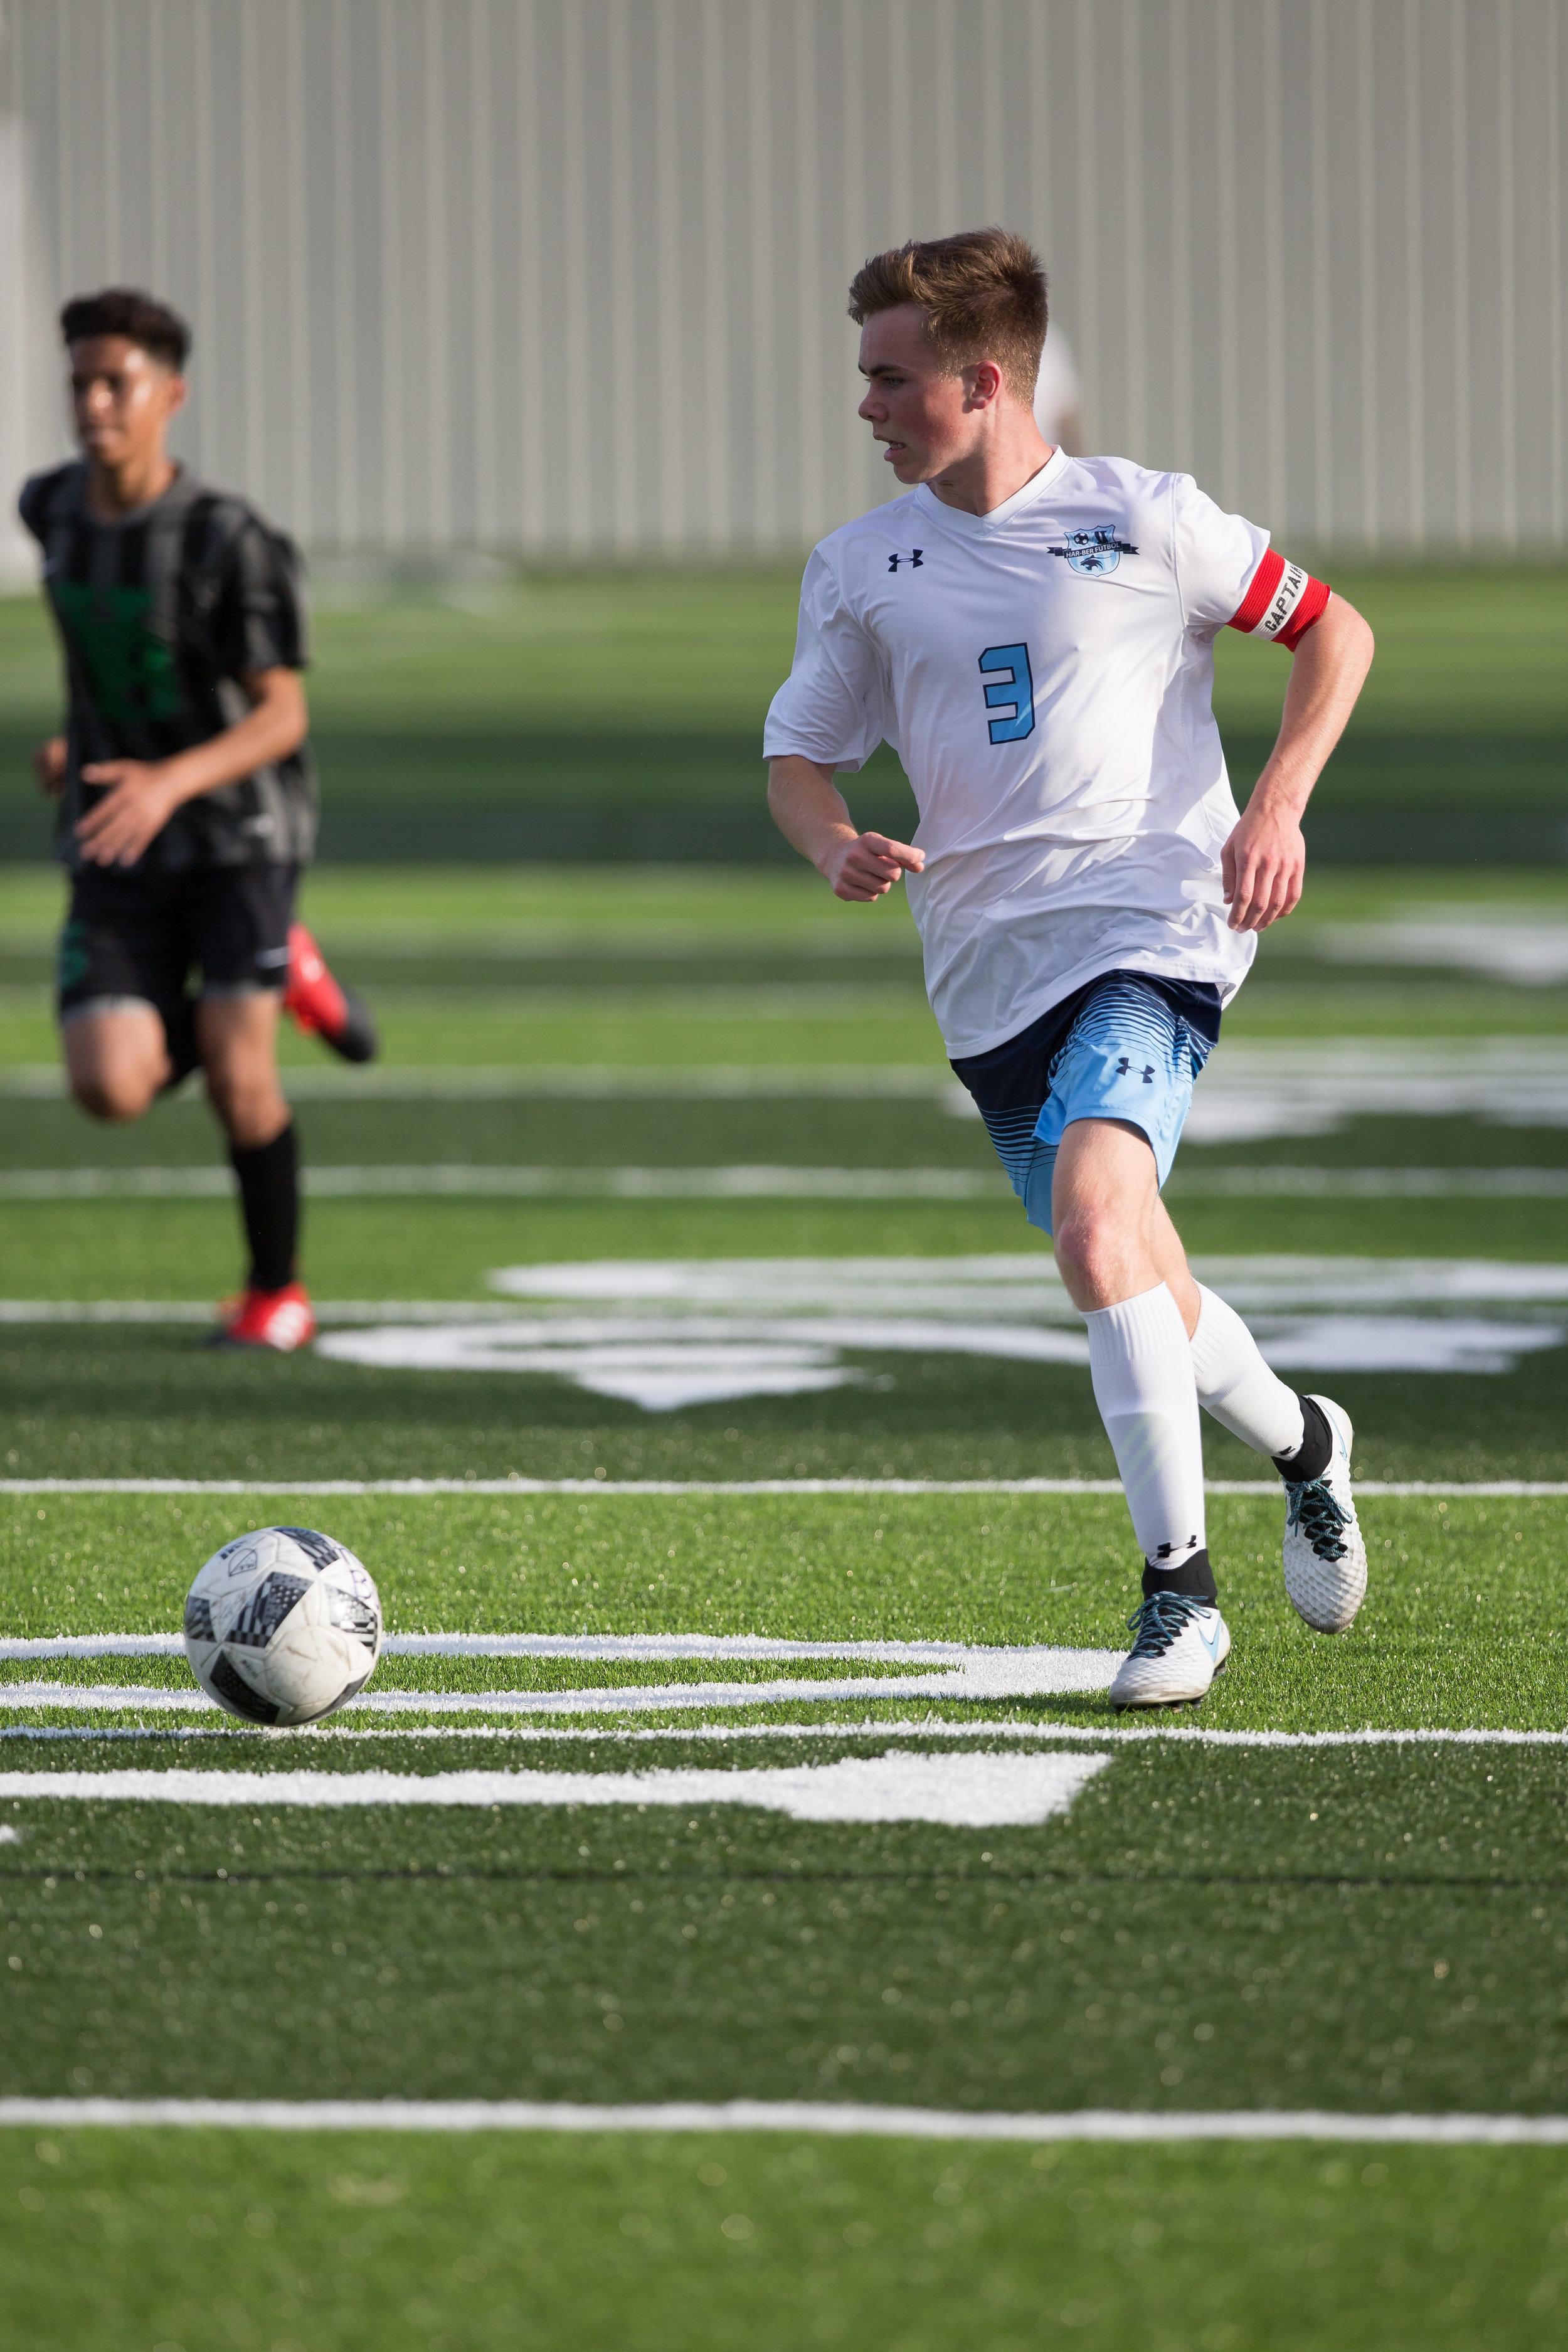 HBHS_soccer_seniors-34.jpg